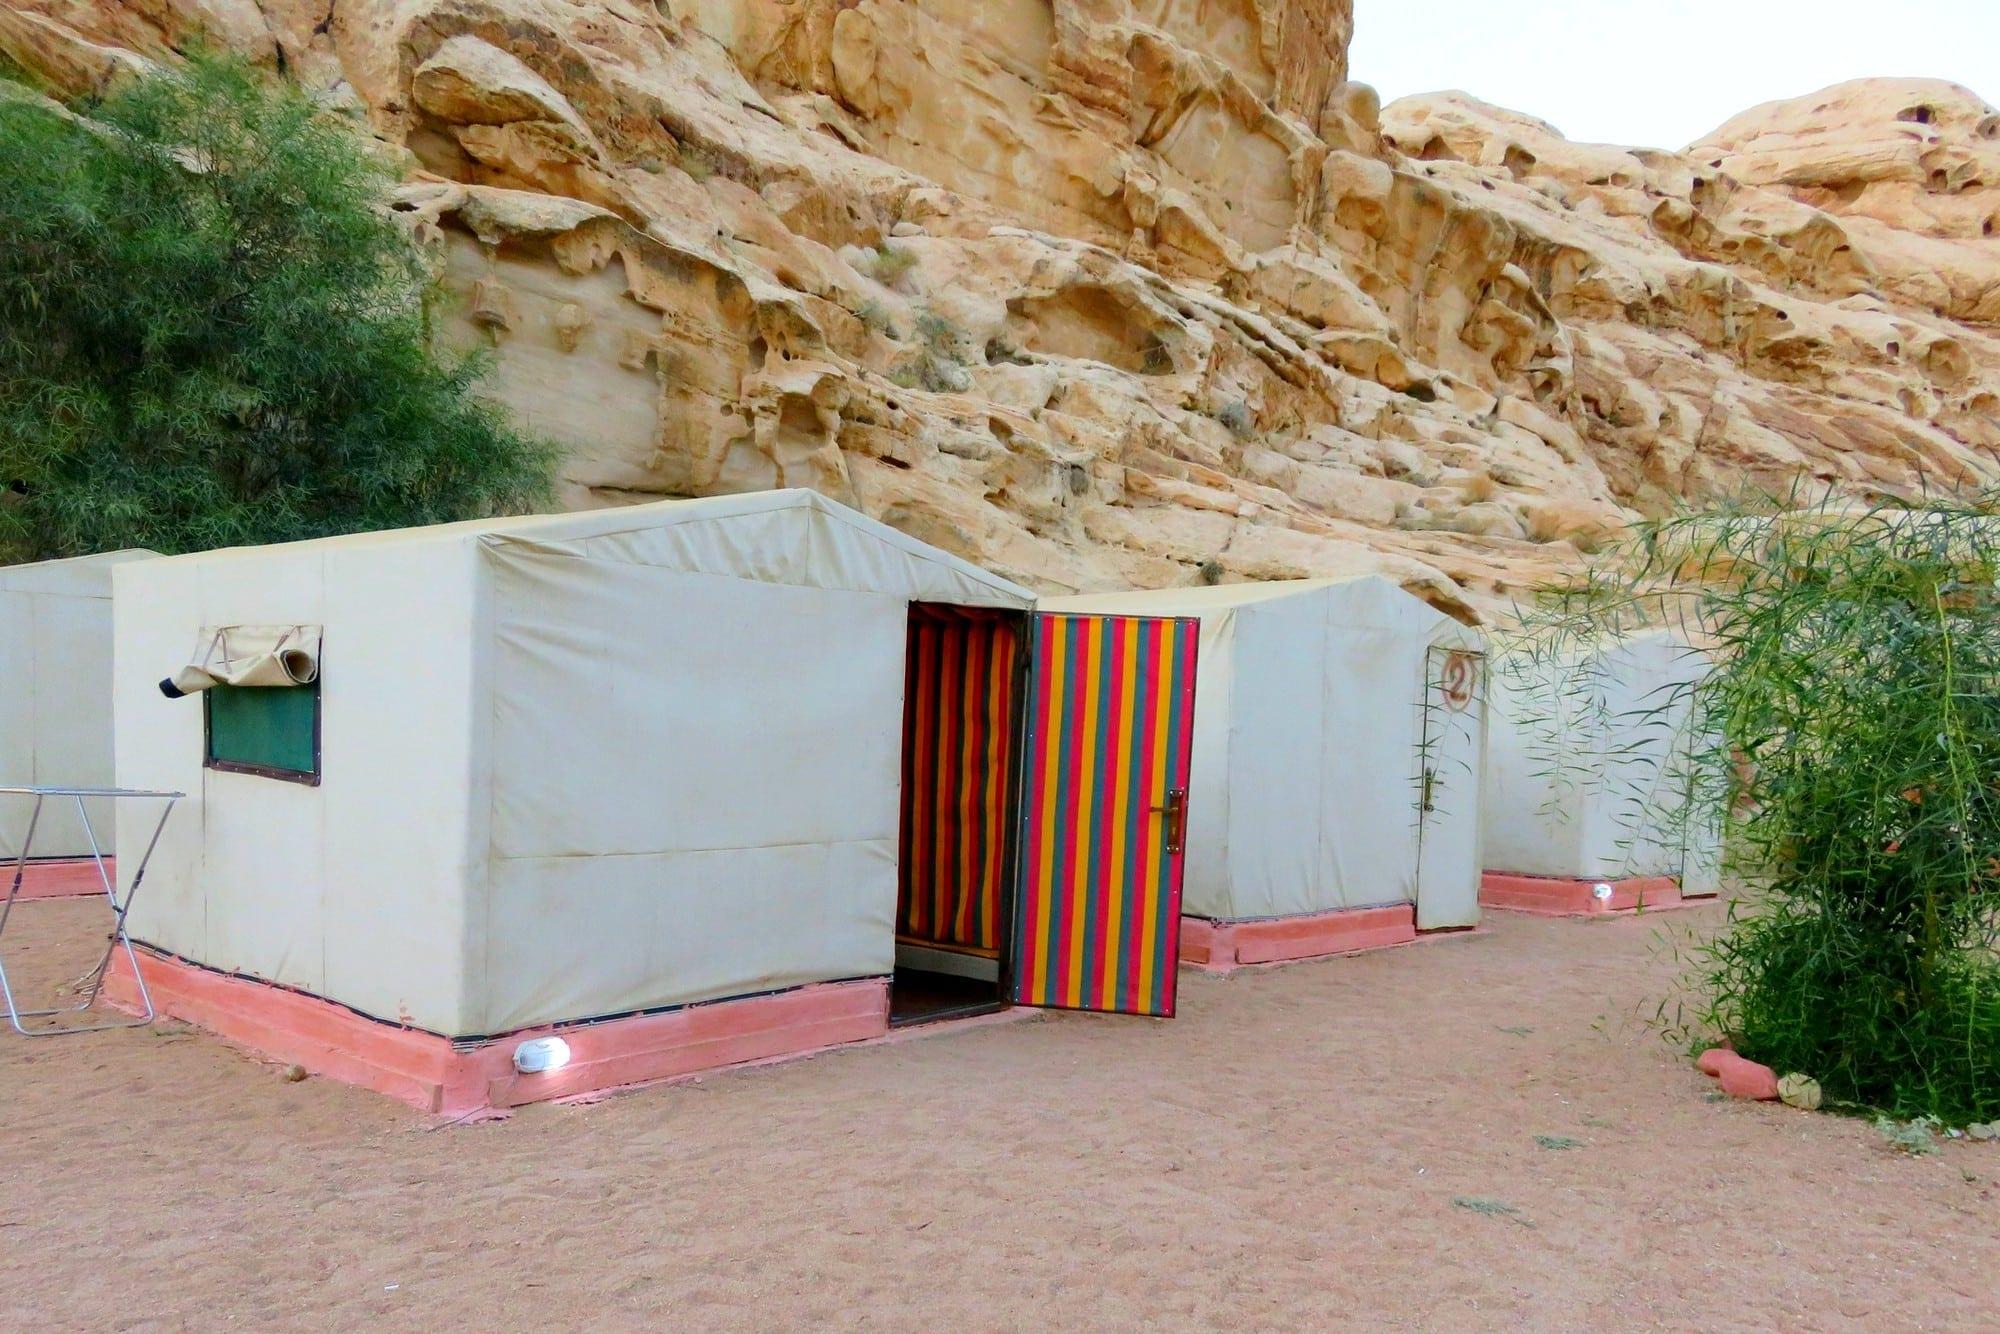 לינה בקמפינג little Petra - ירדן עם ערוצים בטבע